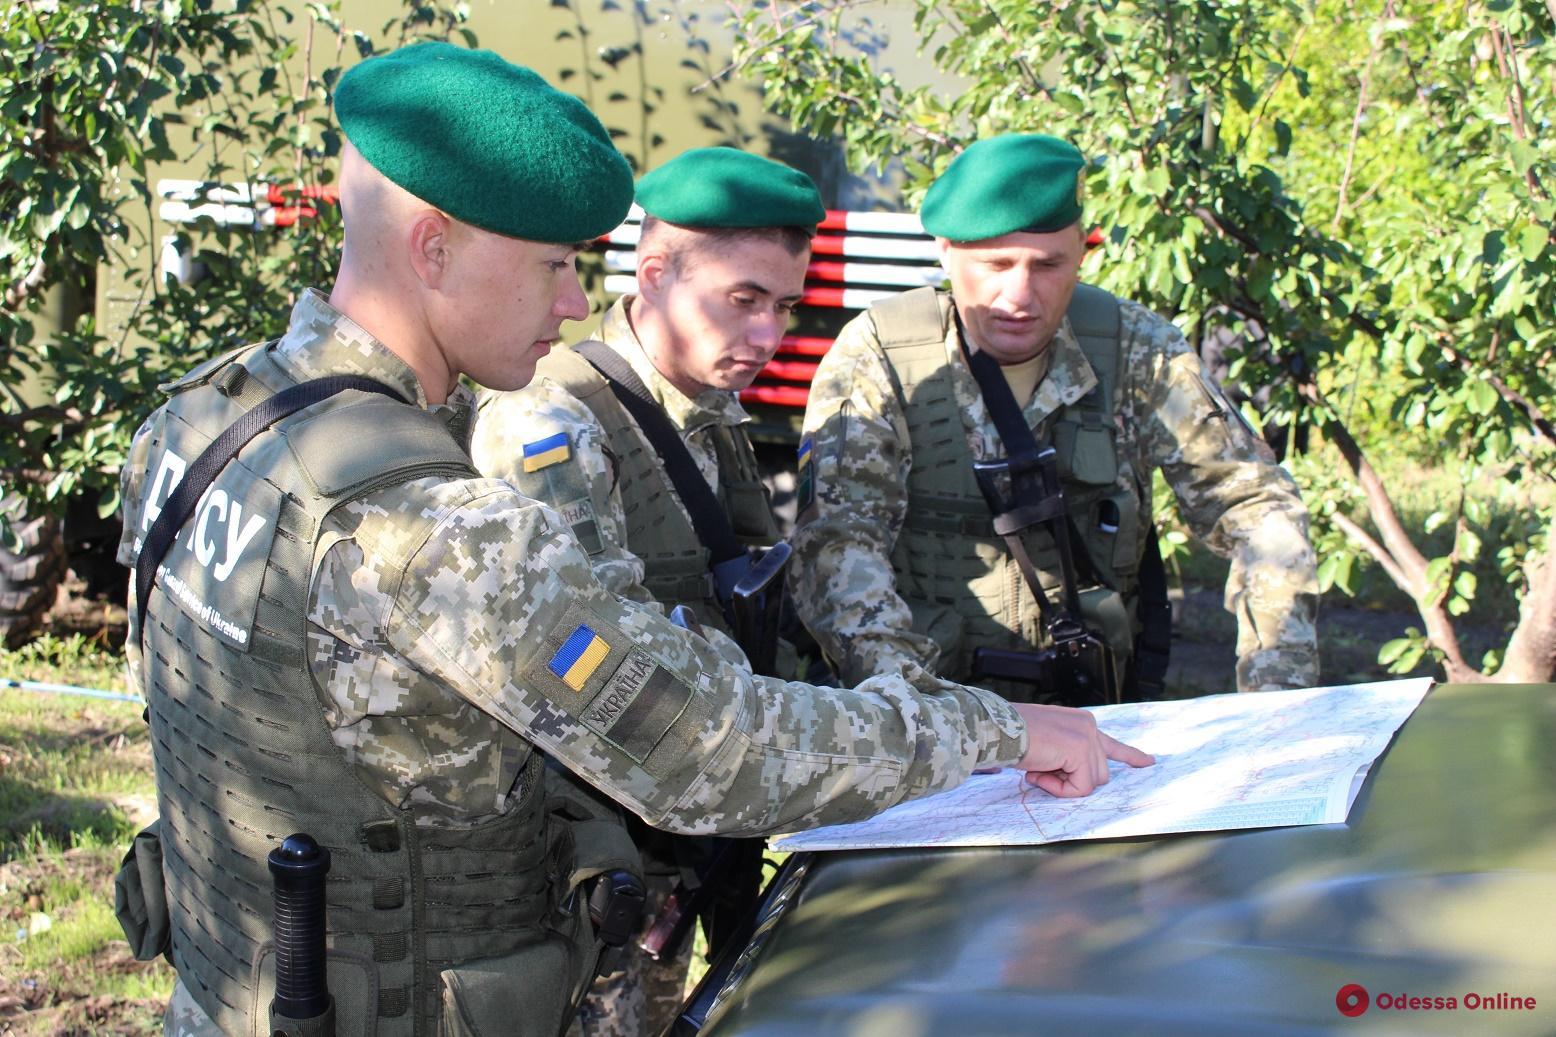 Одесская область: украинец помог российскому товарищу незаконно пересечь границу